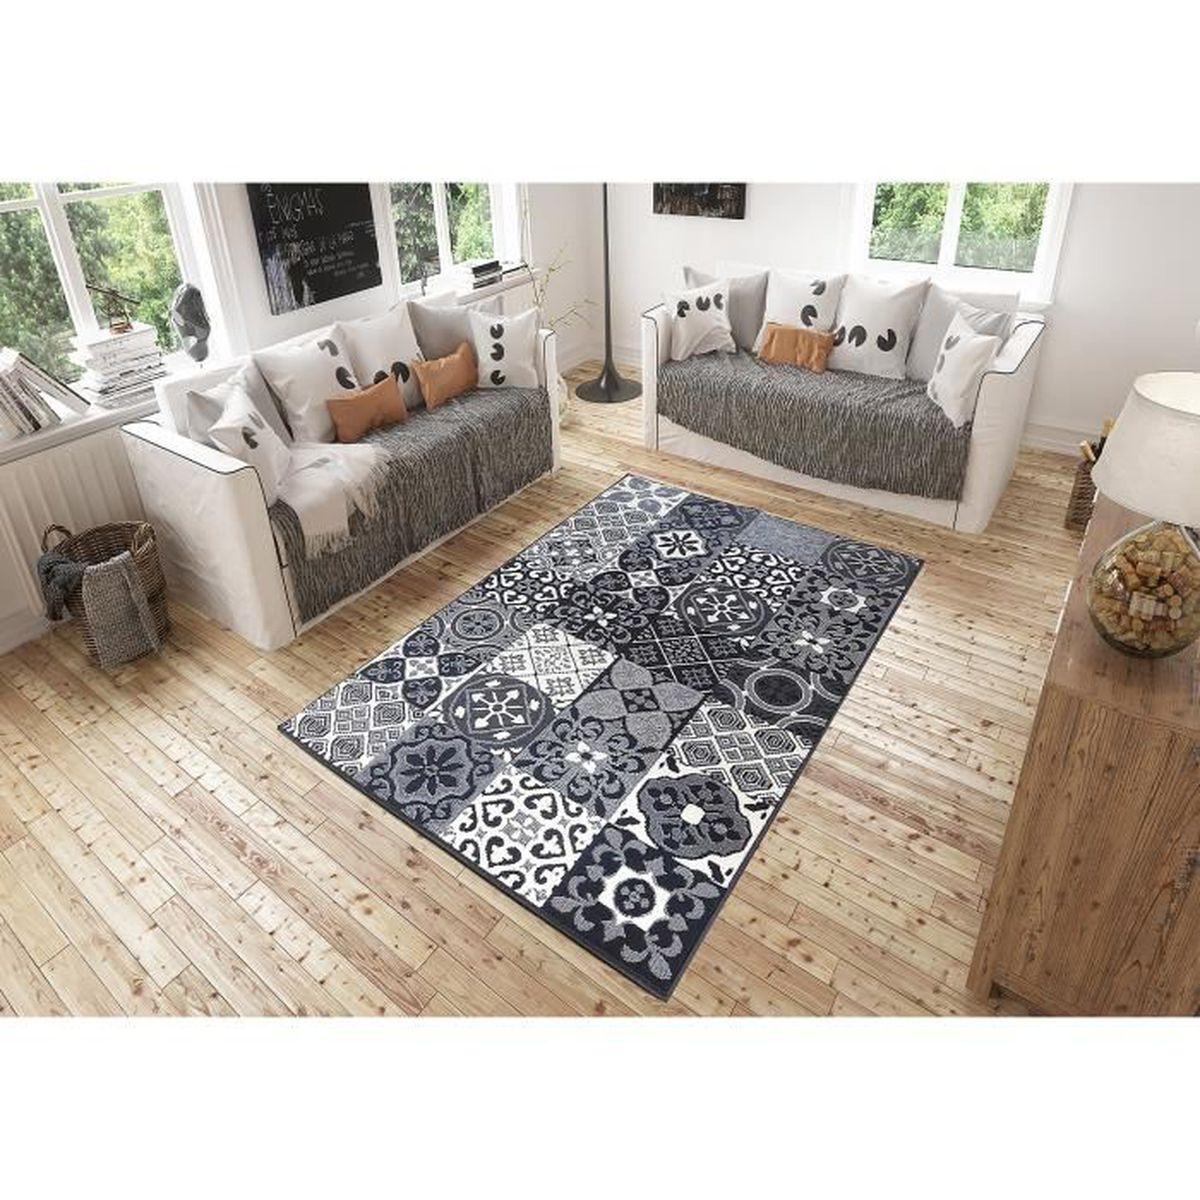 Salon De Jardin Carreau De Ciment tapis salon patchwork carreaux ciment gris debonsol - 120x170cm